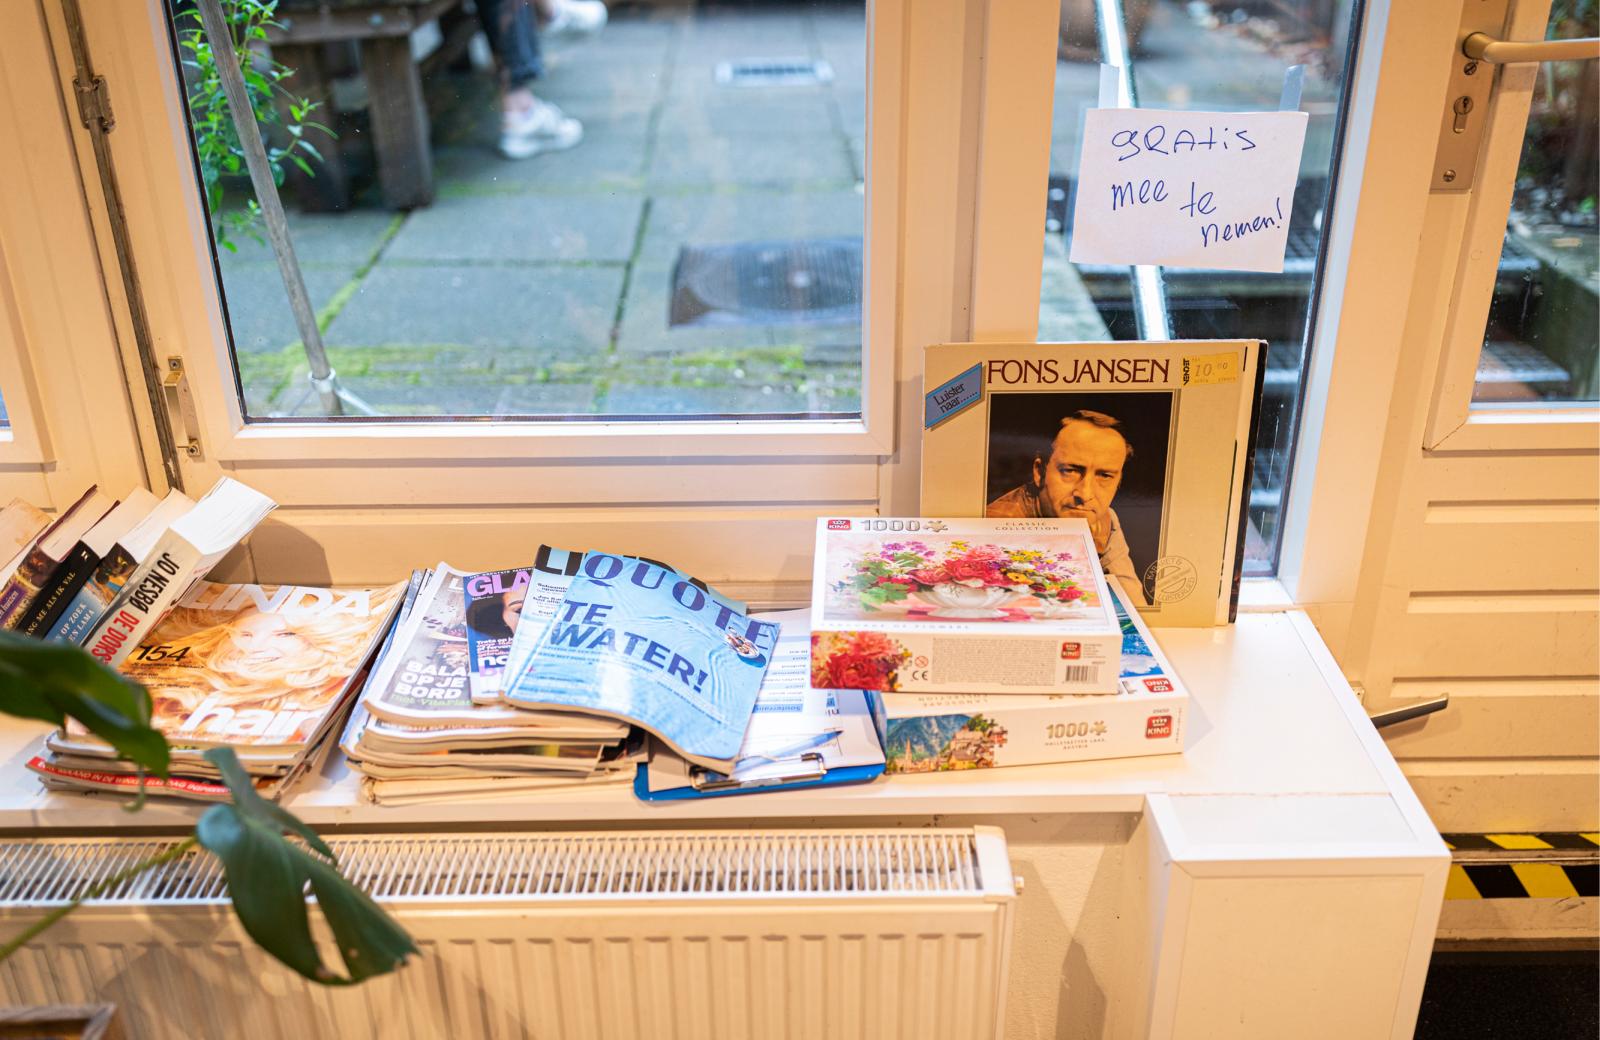 lichthuis_magazines